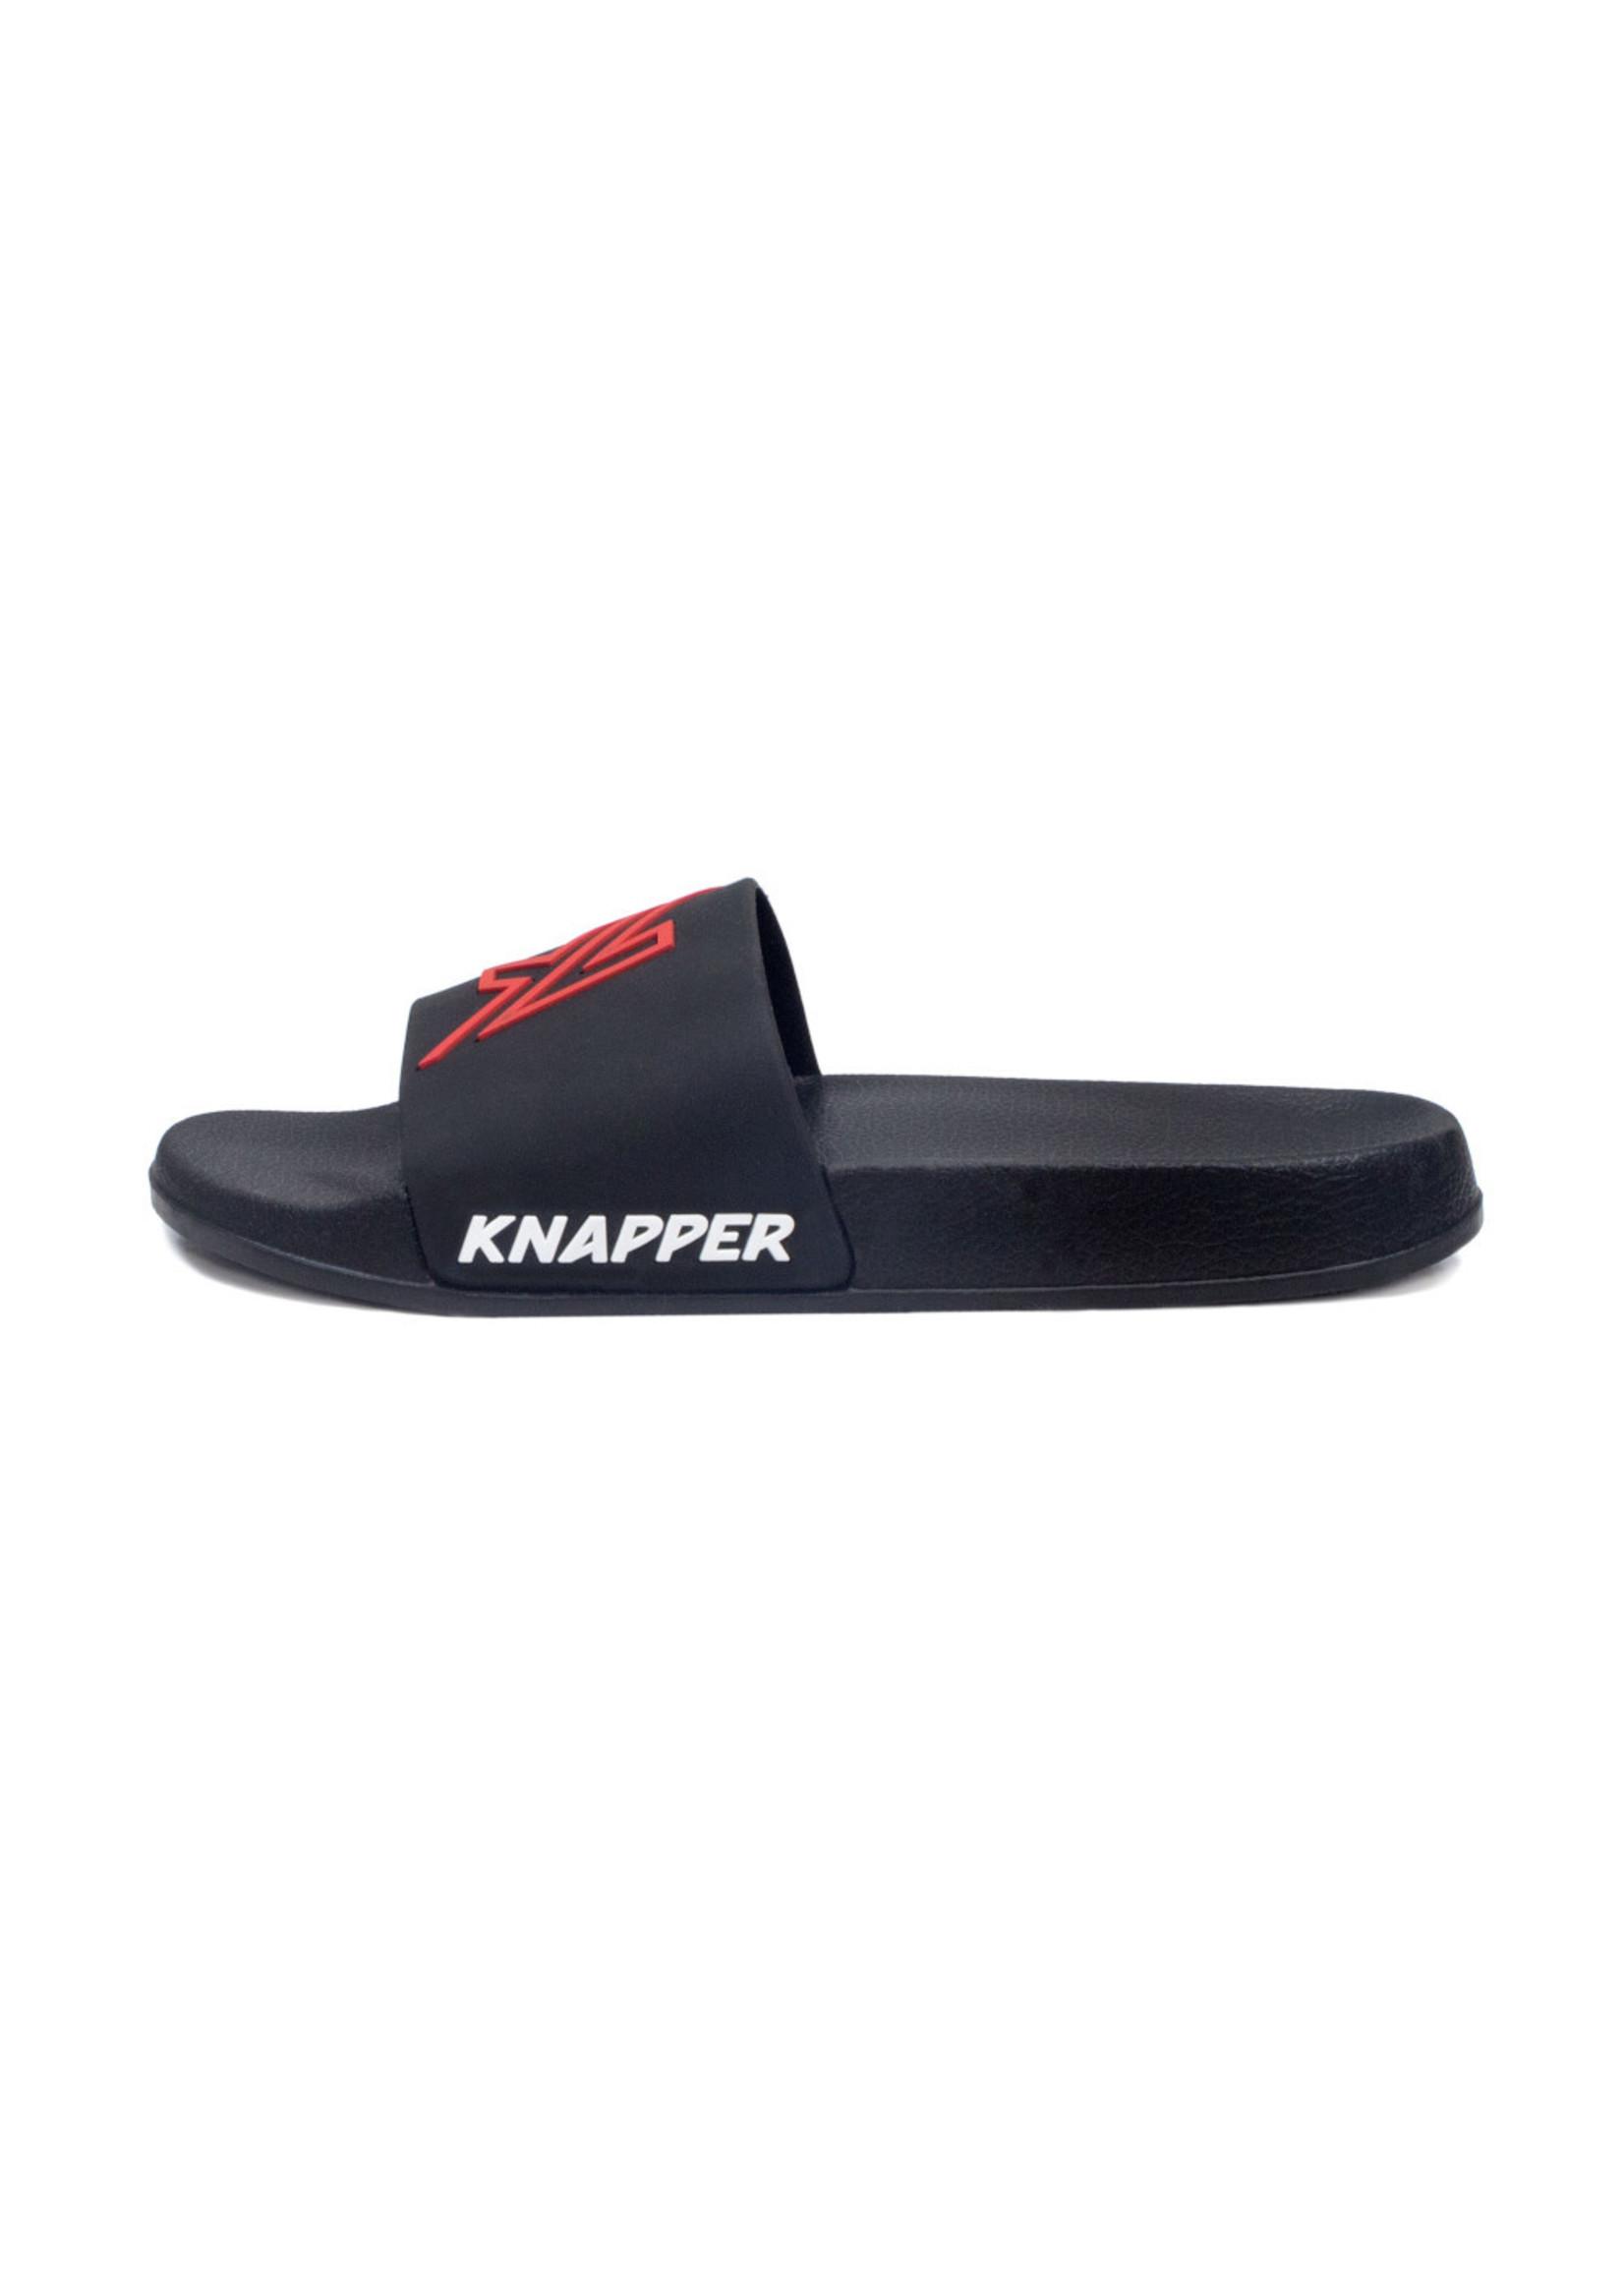 Knapper SANDAL KNAPPER